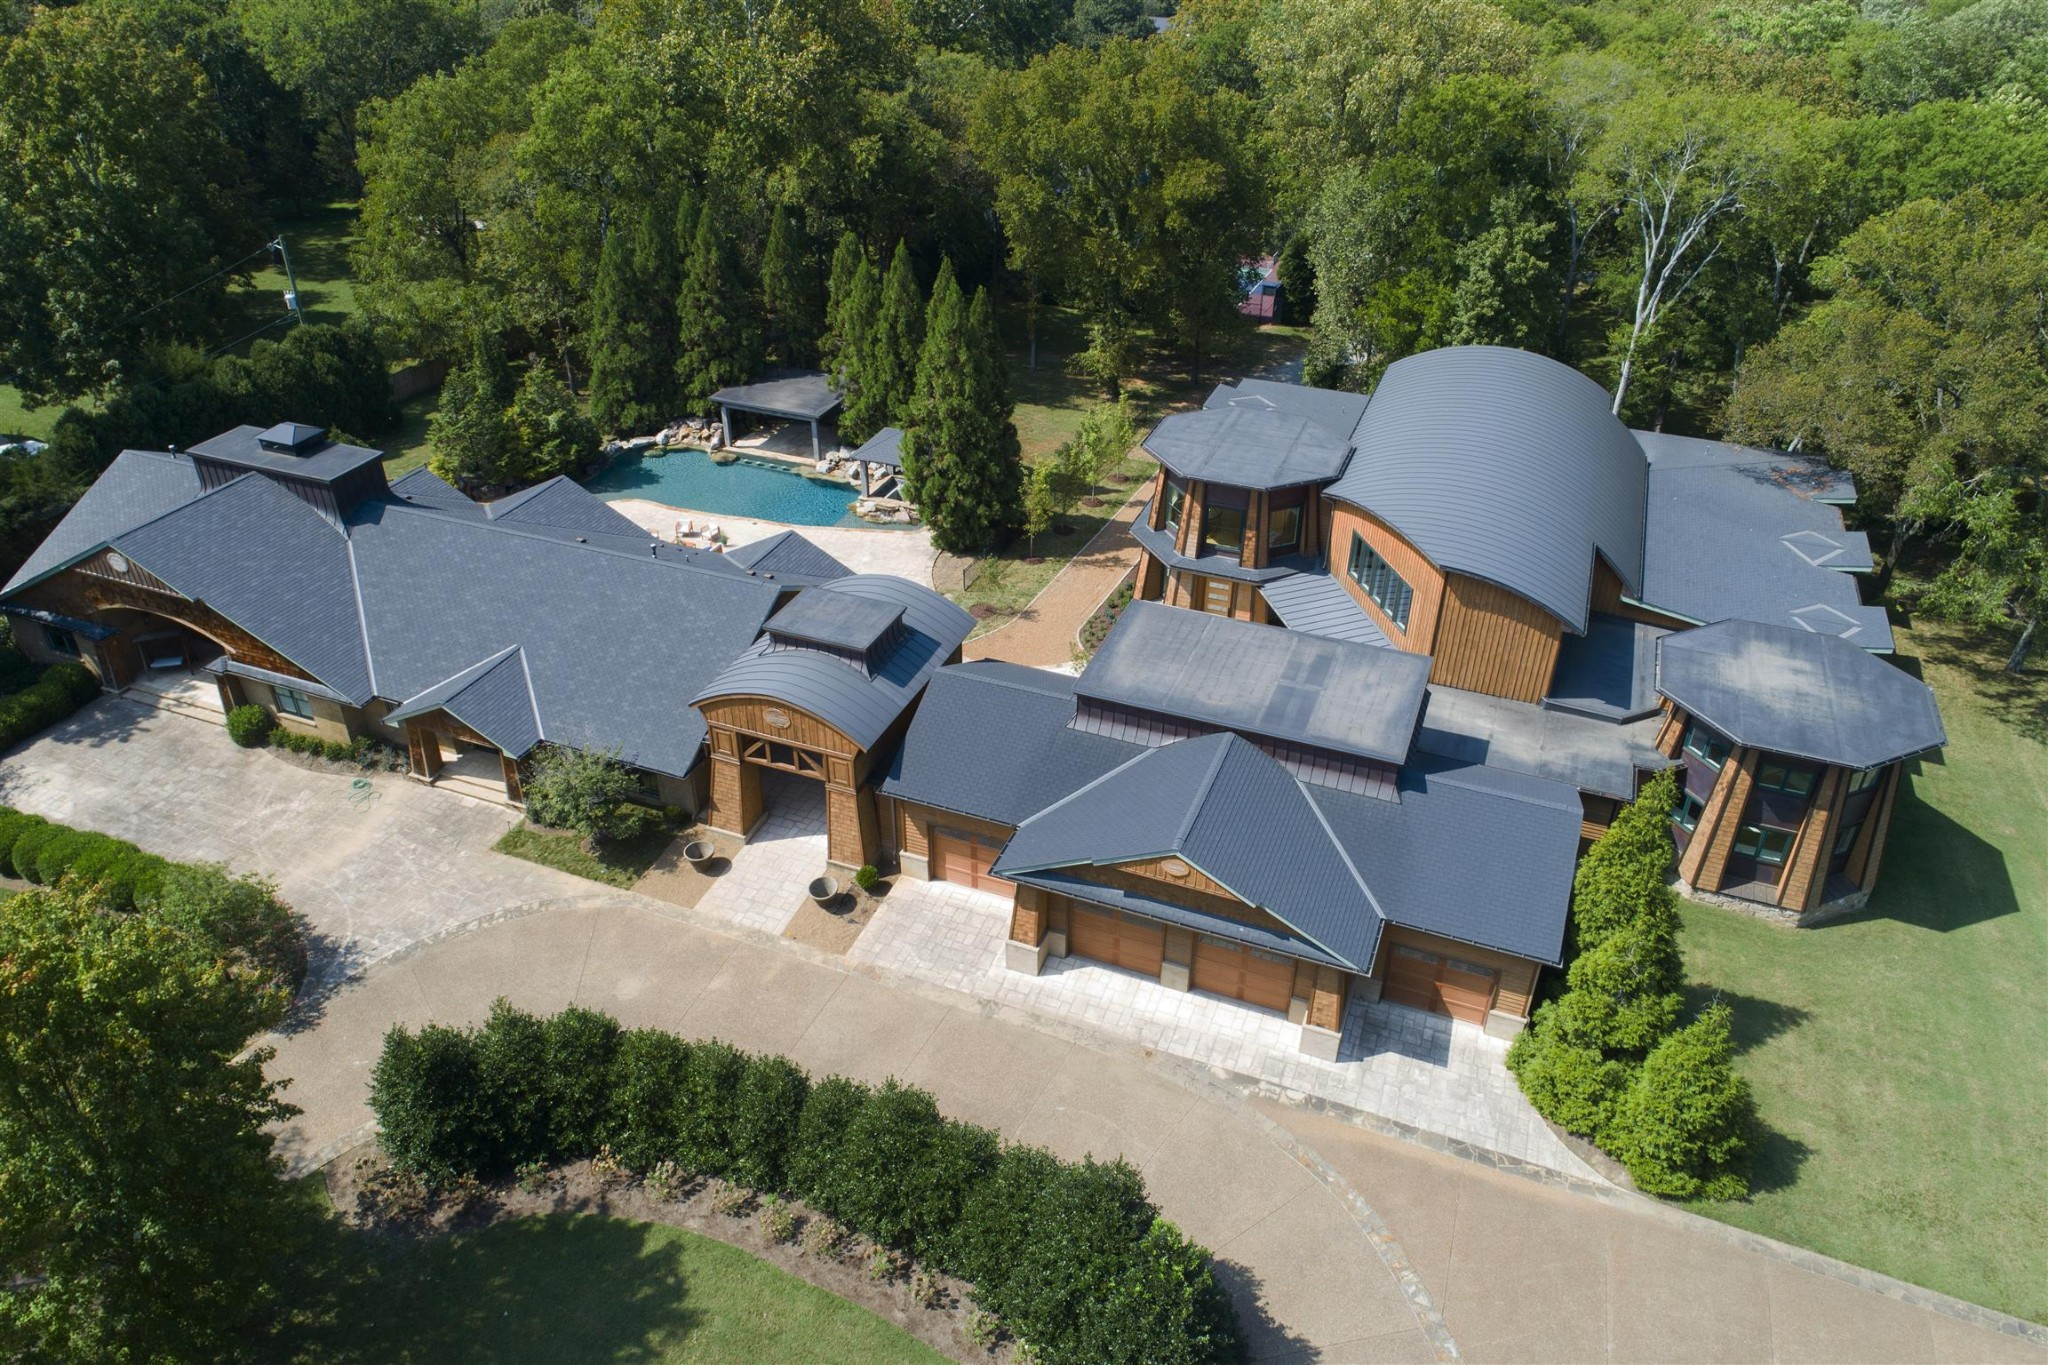 4603 Franklin PIke, Nashville, TN 37220 - Nashville, TN real estate listing